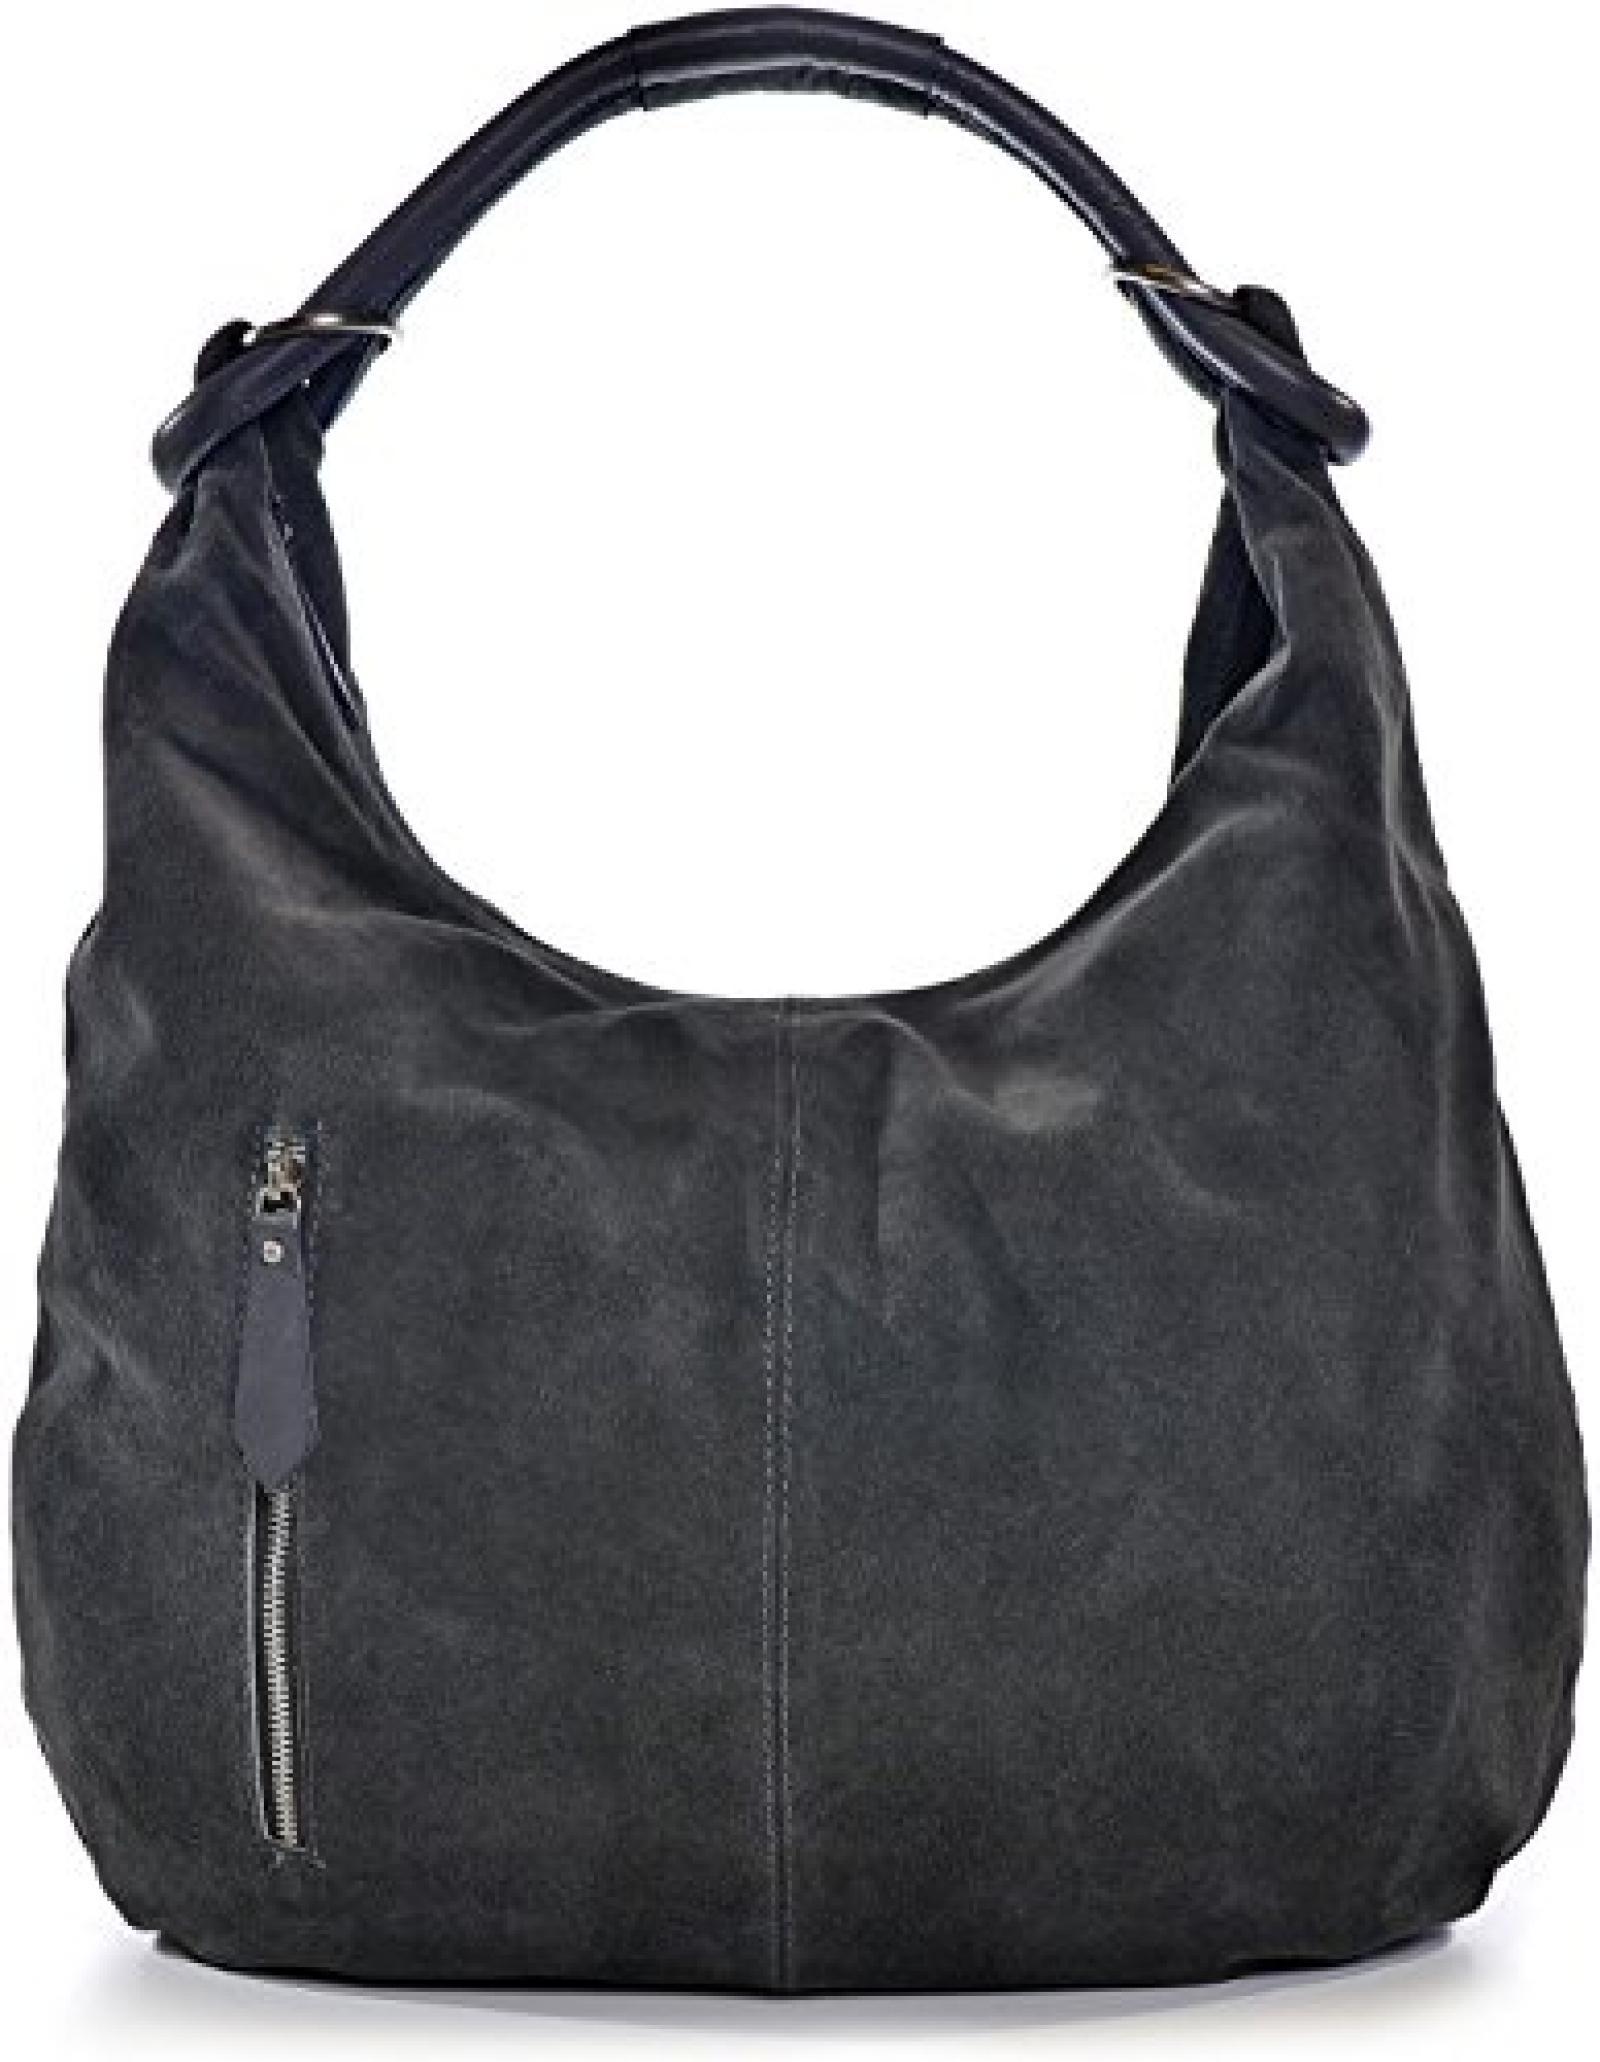 CNTMP, Damen Handtaschen, Hobo-Bags, Schultertaschen, Beutel, Beuteltaschen, Trend-Bags, Velours, Veloursleder, Wildleder, Leder Tasche, DIN-A4, 44x36x4cm (B x H x T)